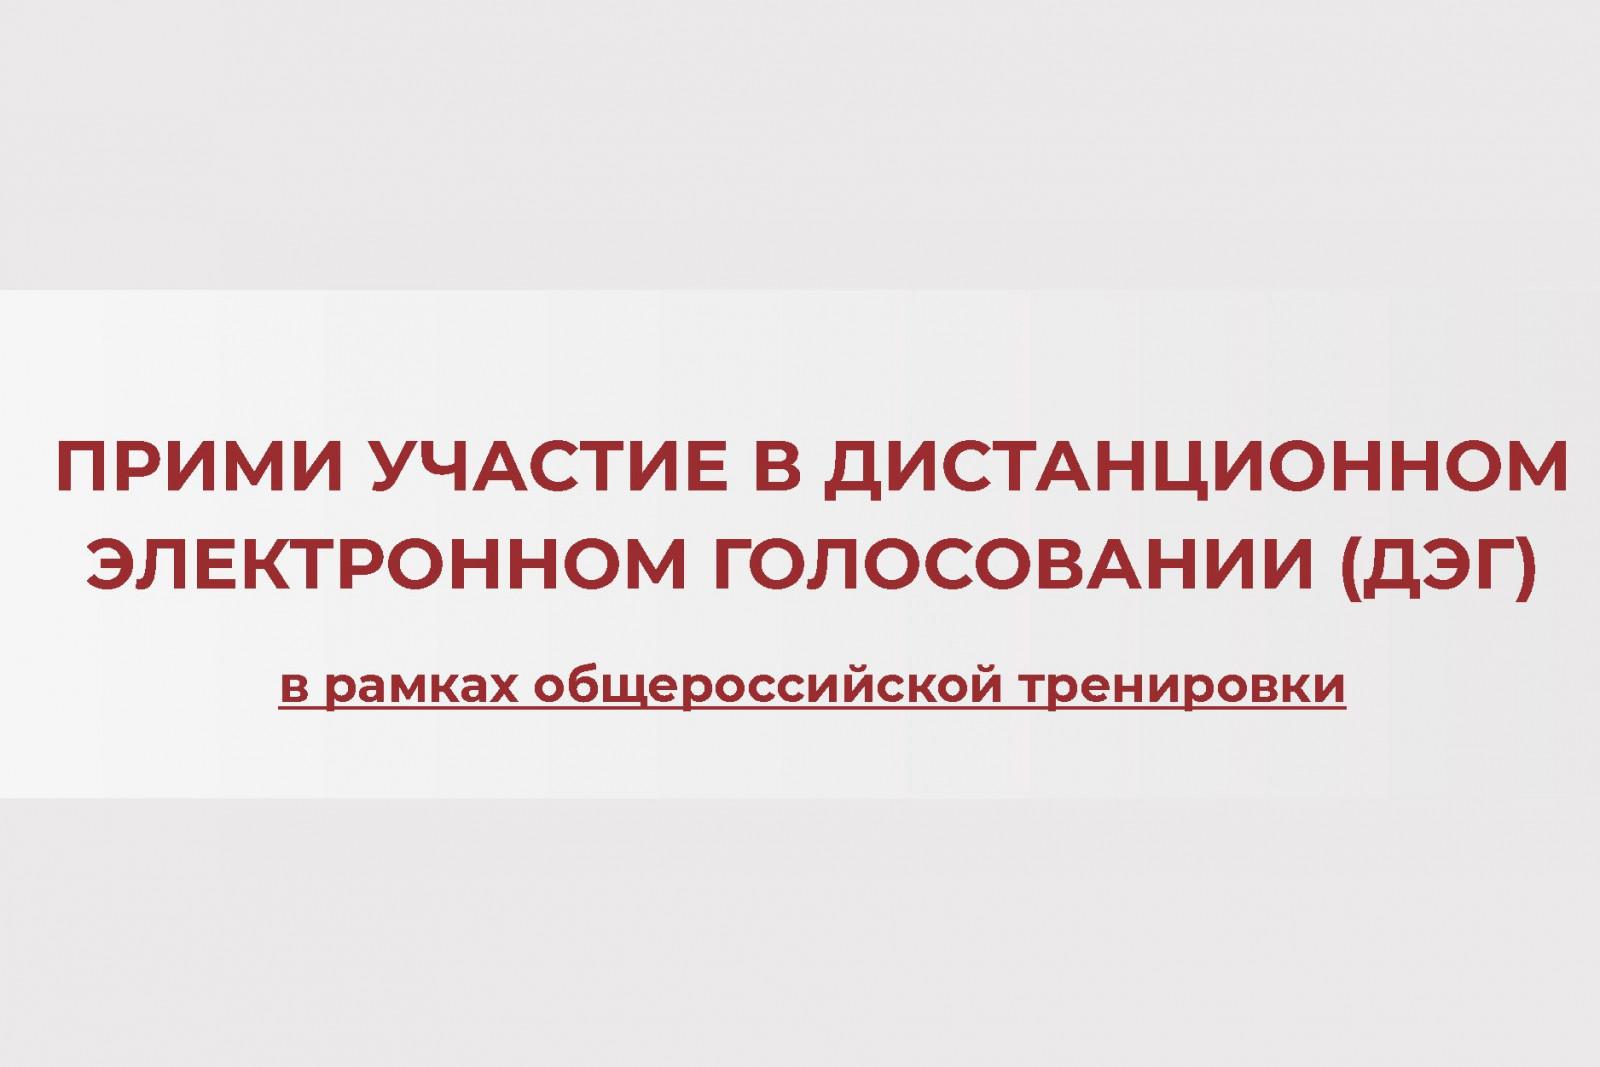 Дончане смогут принять участие в дистанционном голосовании